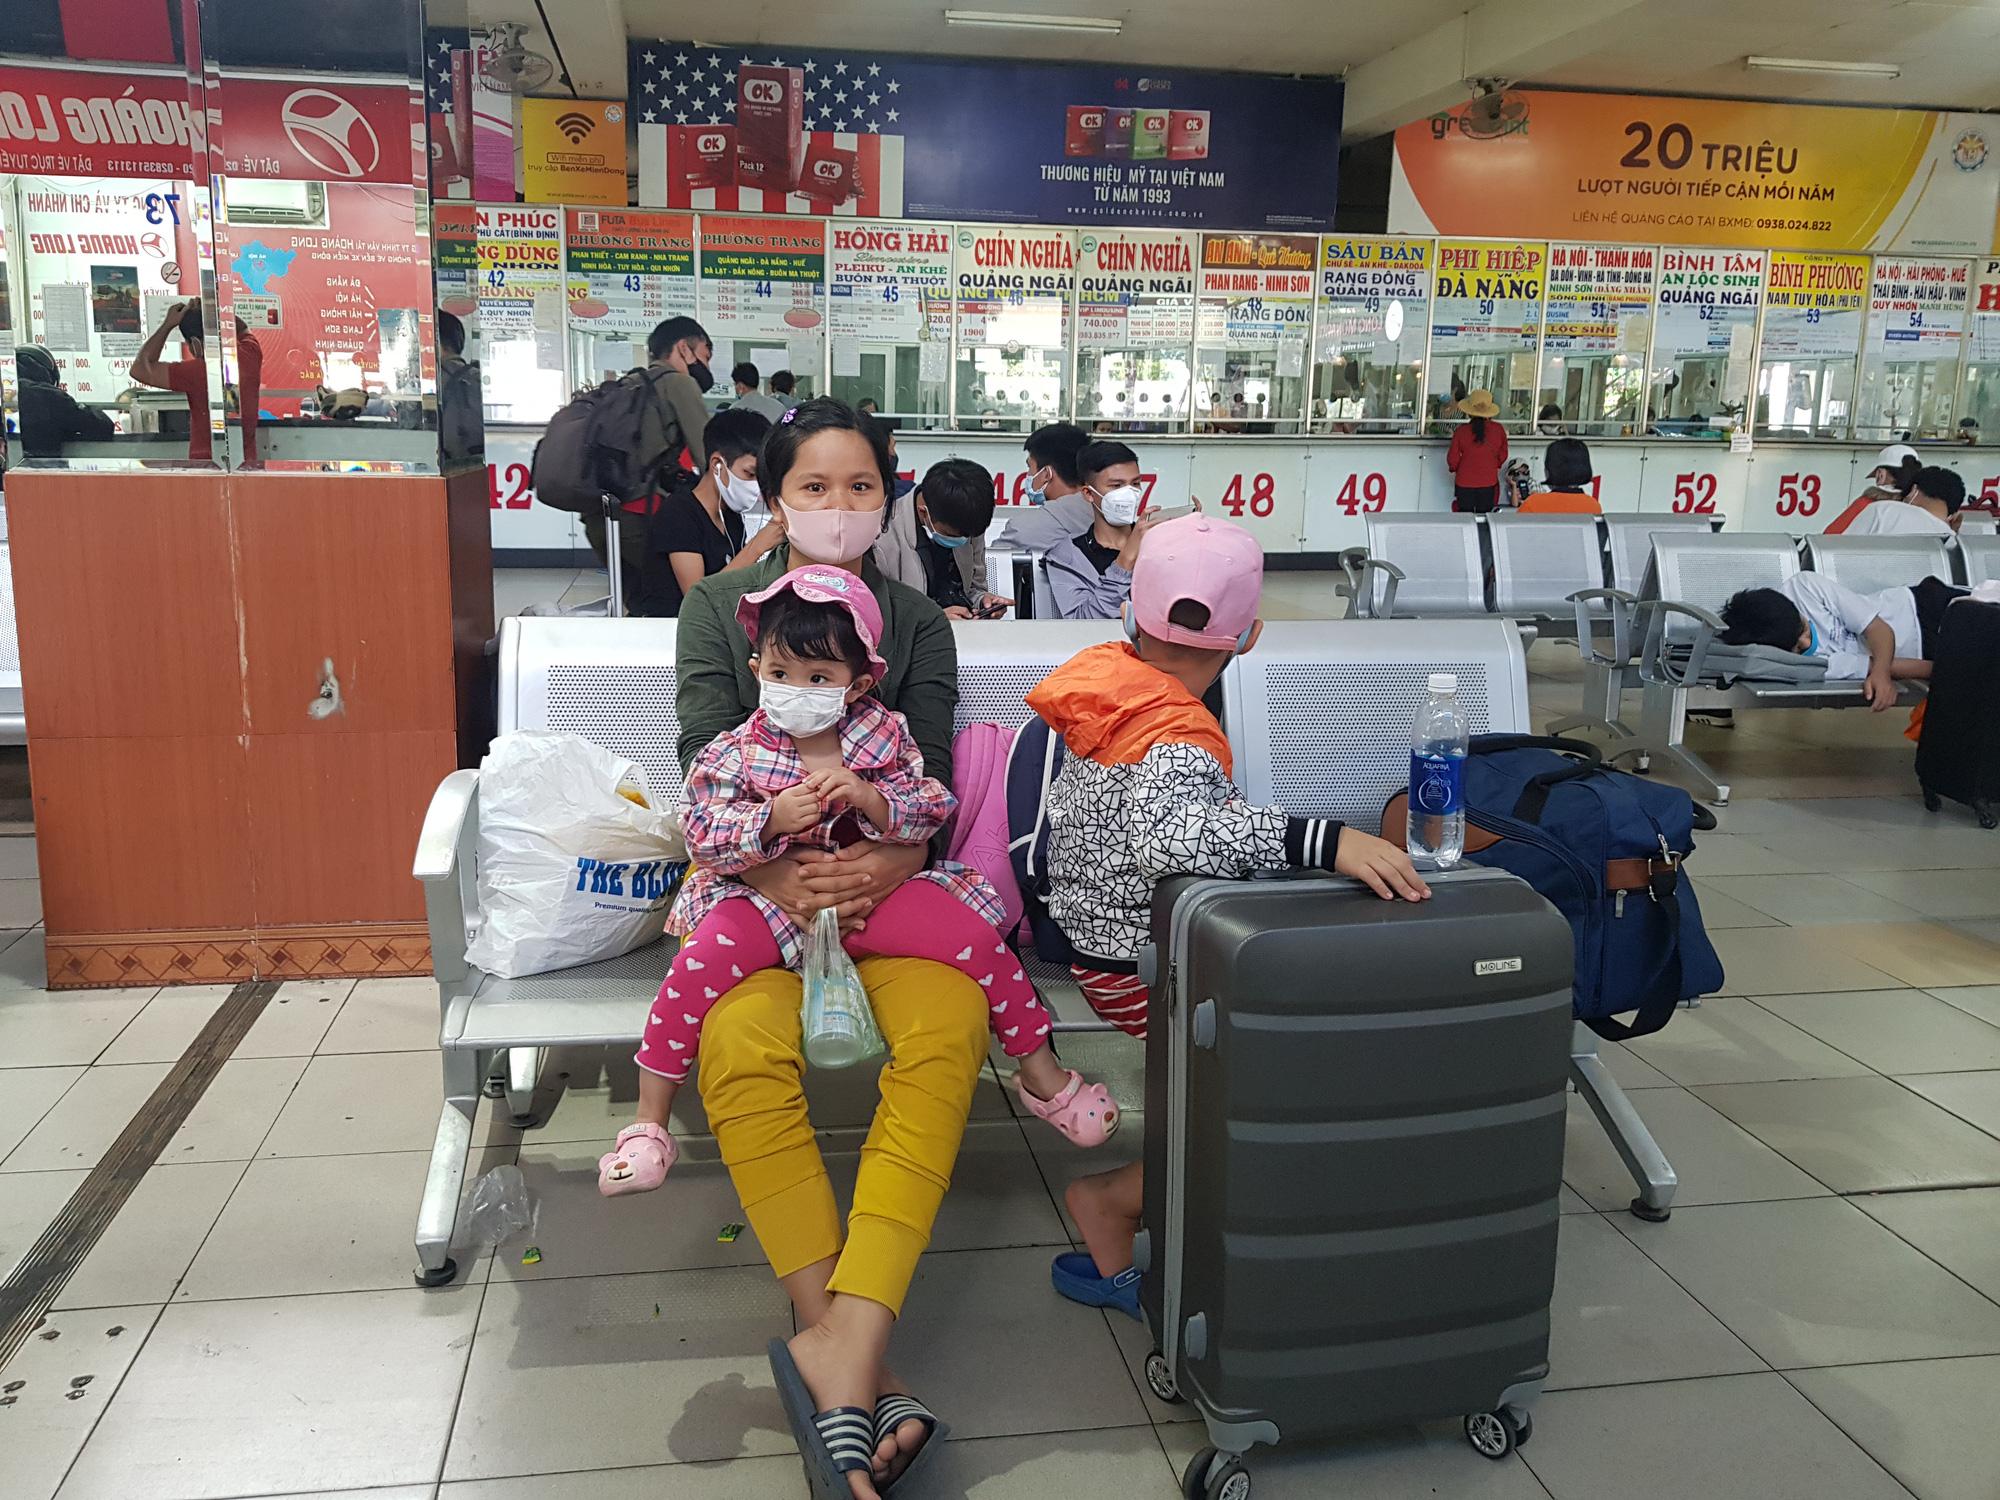 Người dân lỉnh kỉnh đồ đạc rời Sài Gòn về quê tránh dịch - Ảnh 3.